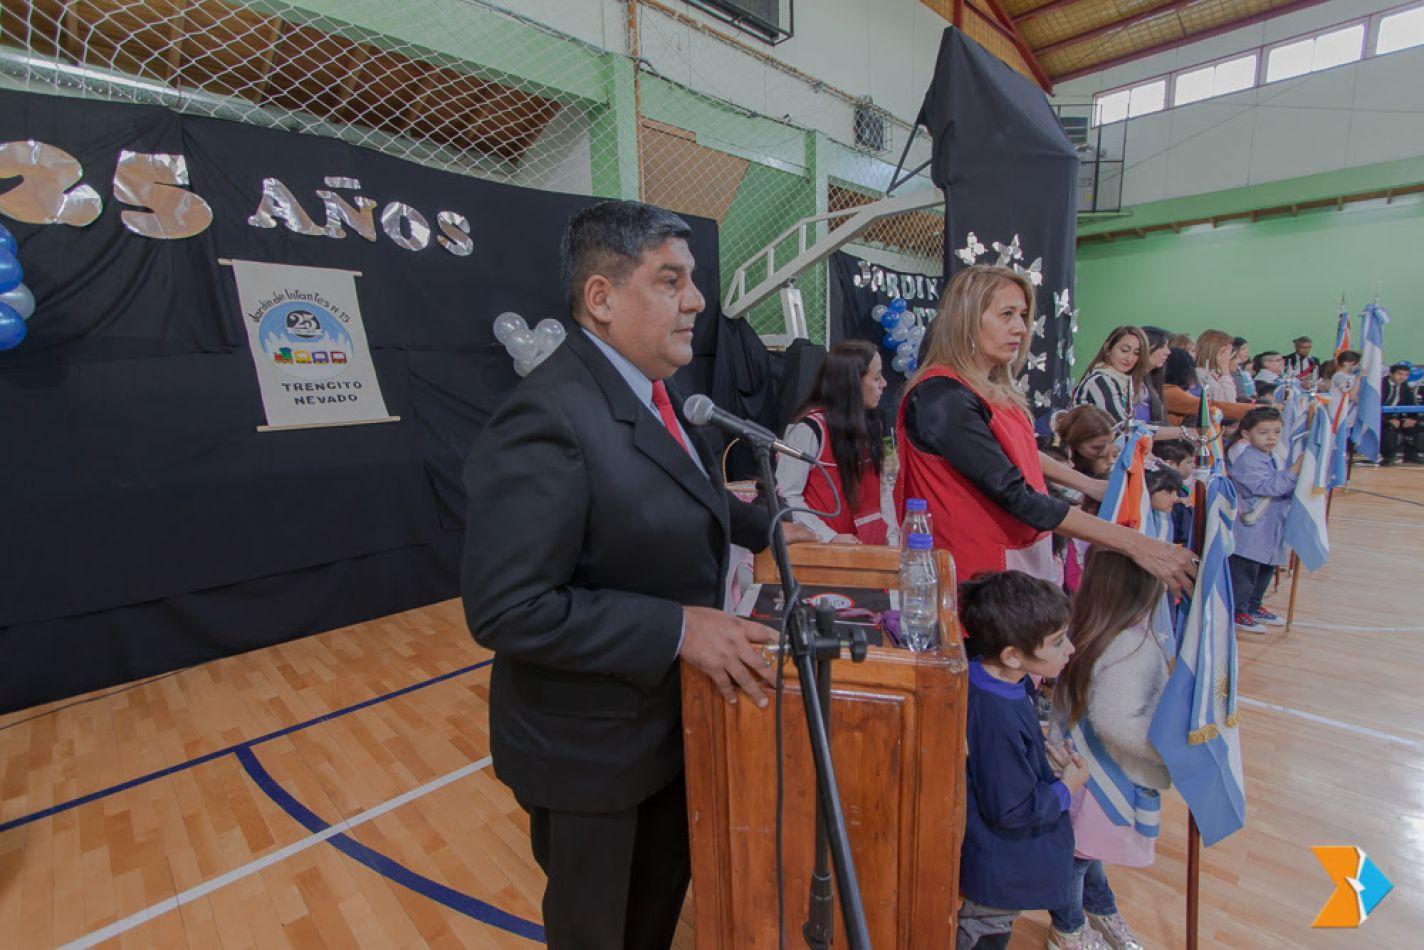 """Presidente del Parlamento, vicegobernador Juan Carlos Arcando, acompañó a la comunidad educativa del jardín de infantes N° 15 """"Trencito nevado"""""""